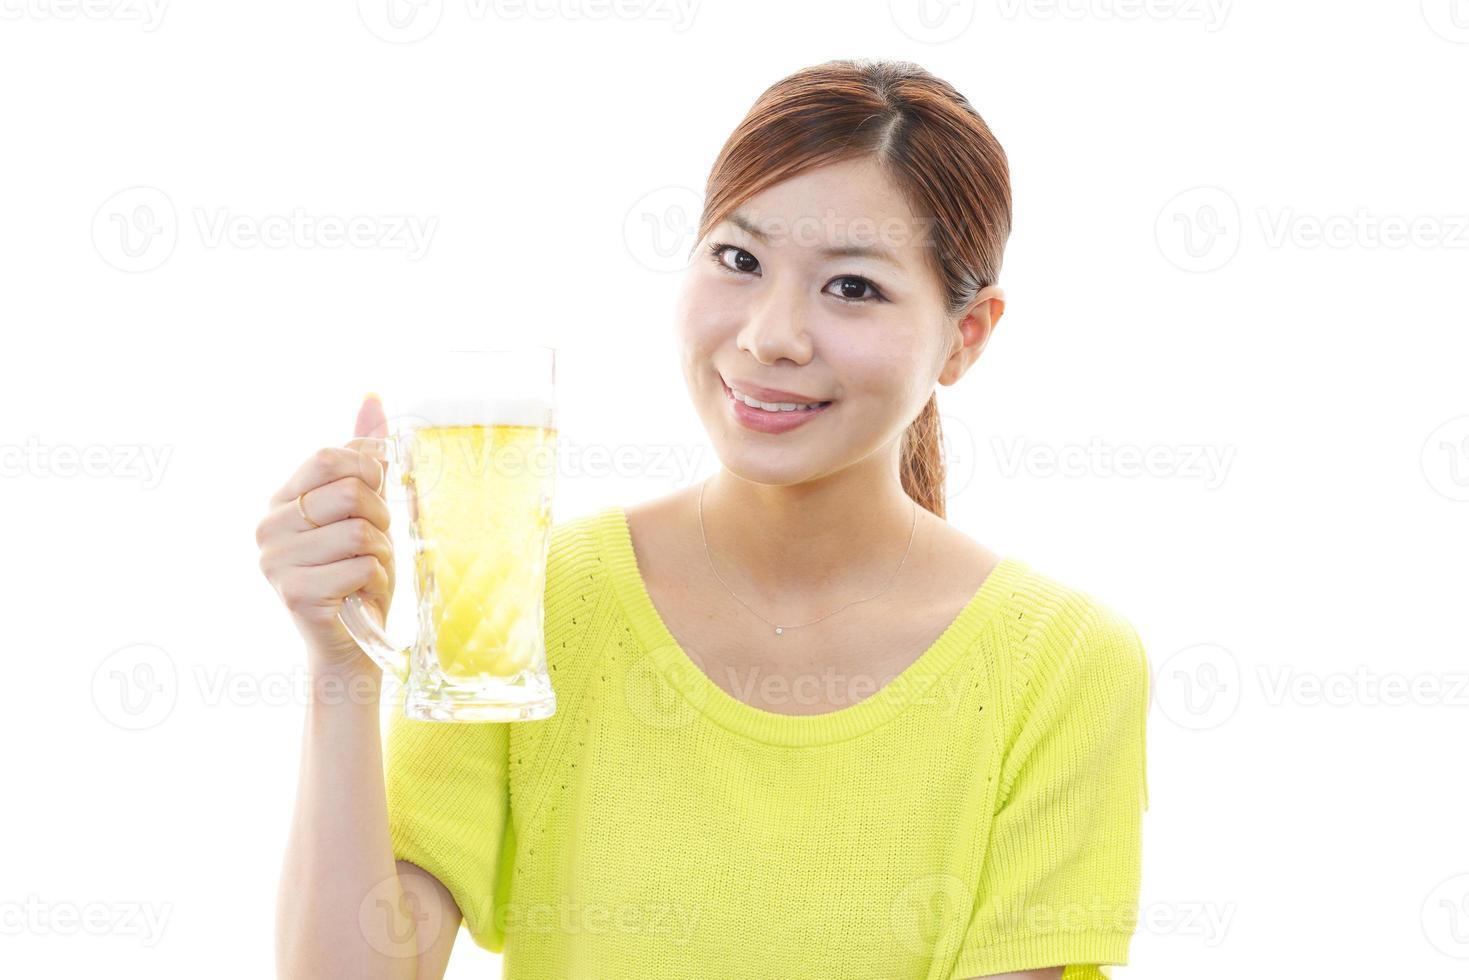 vrouw bier drinken foto